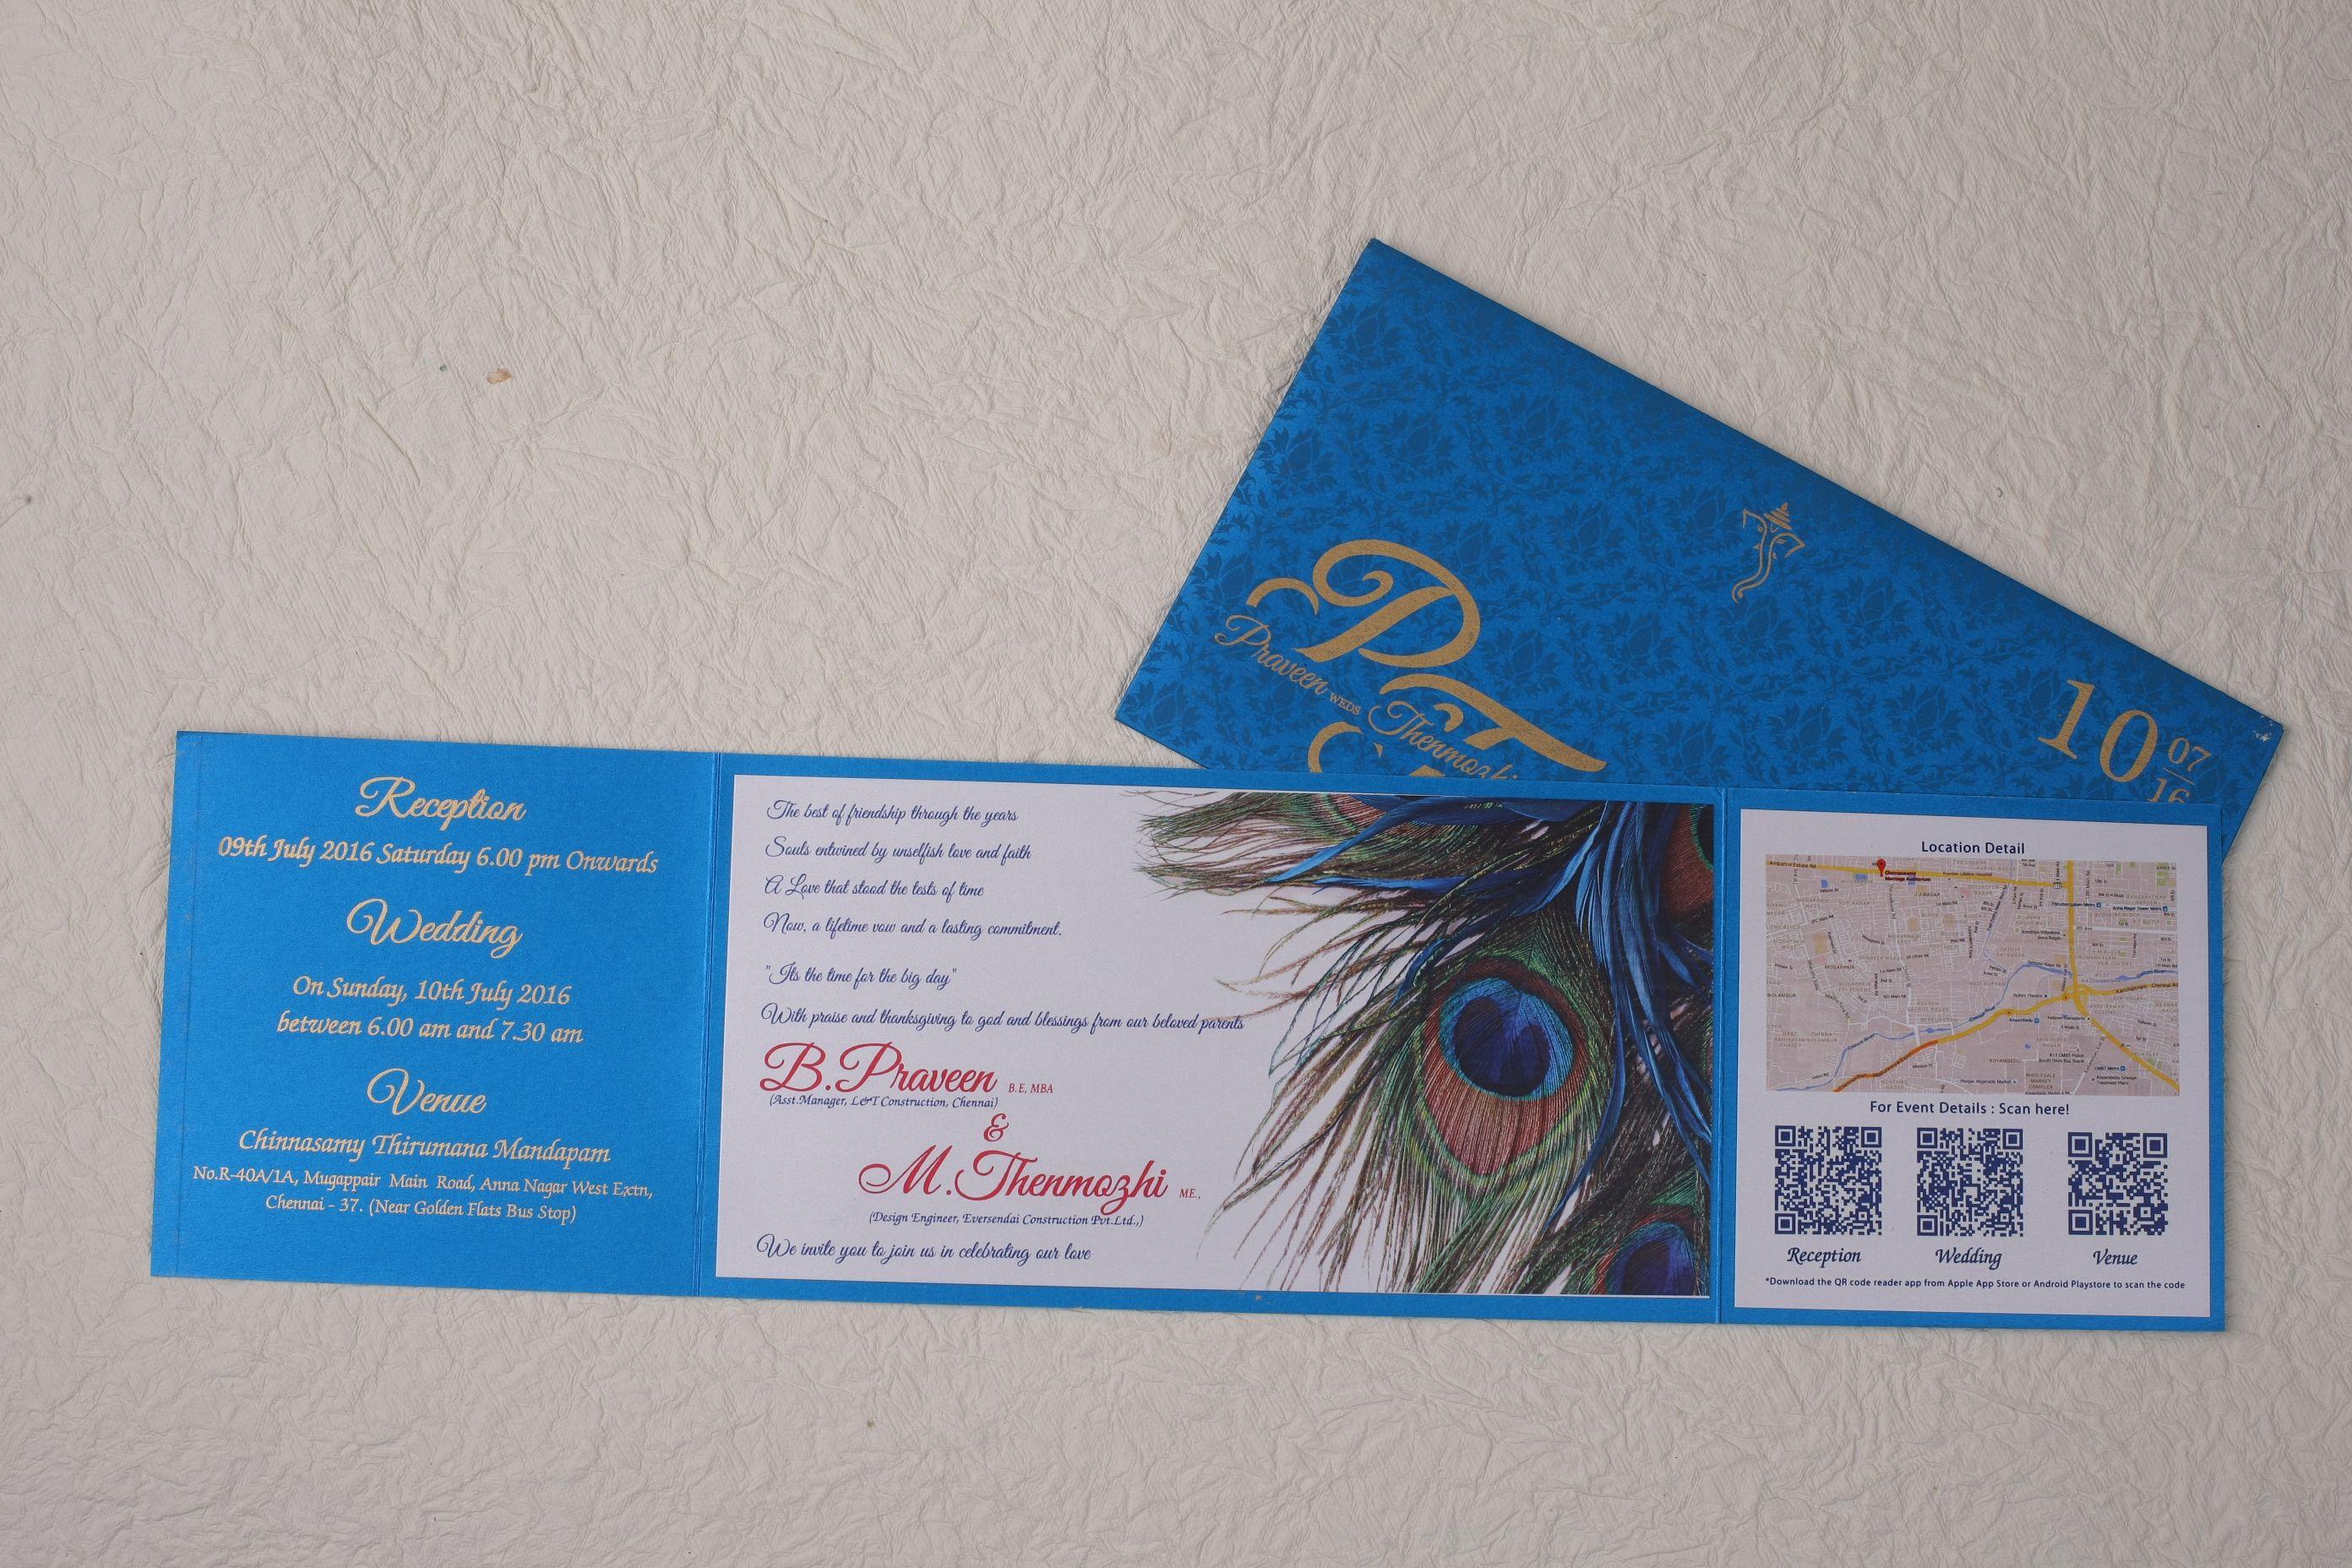 Pin By Keerthi On Wedding Cards Design Wedding Card Design Hindu Wedding Cards Wedding Cards